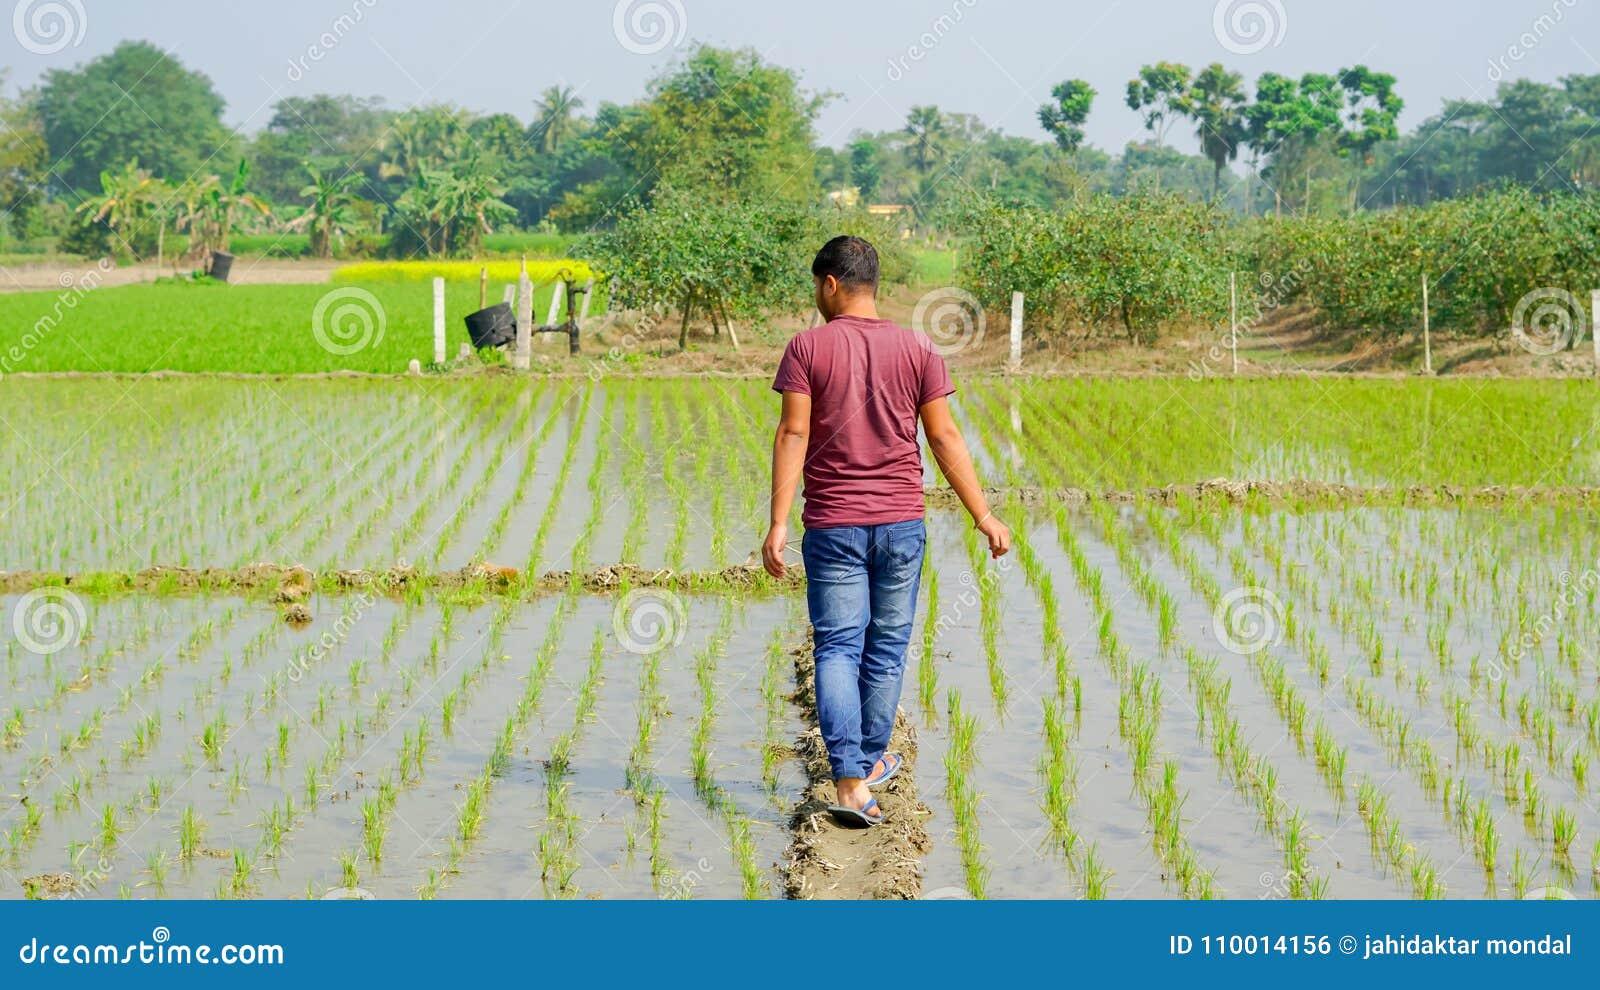 Мальчик идет между сельским хозяйством риса